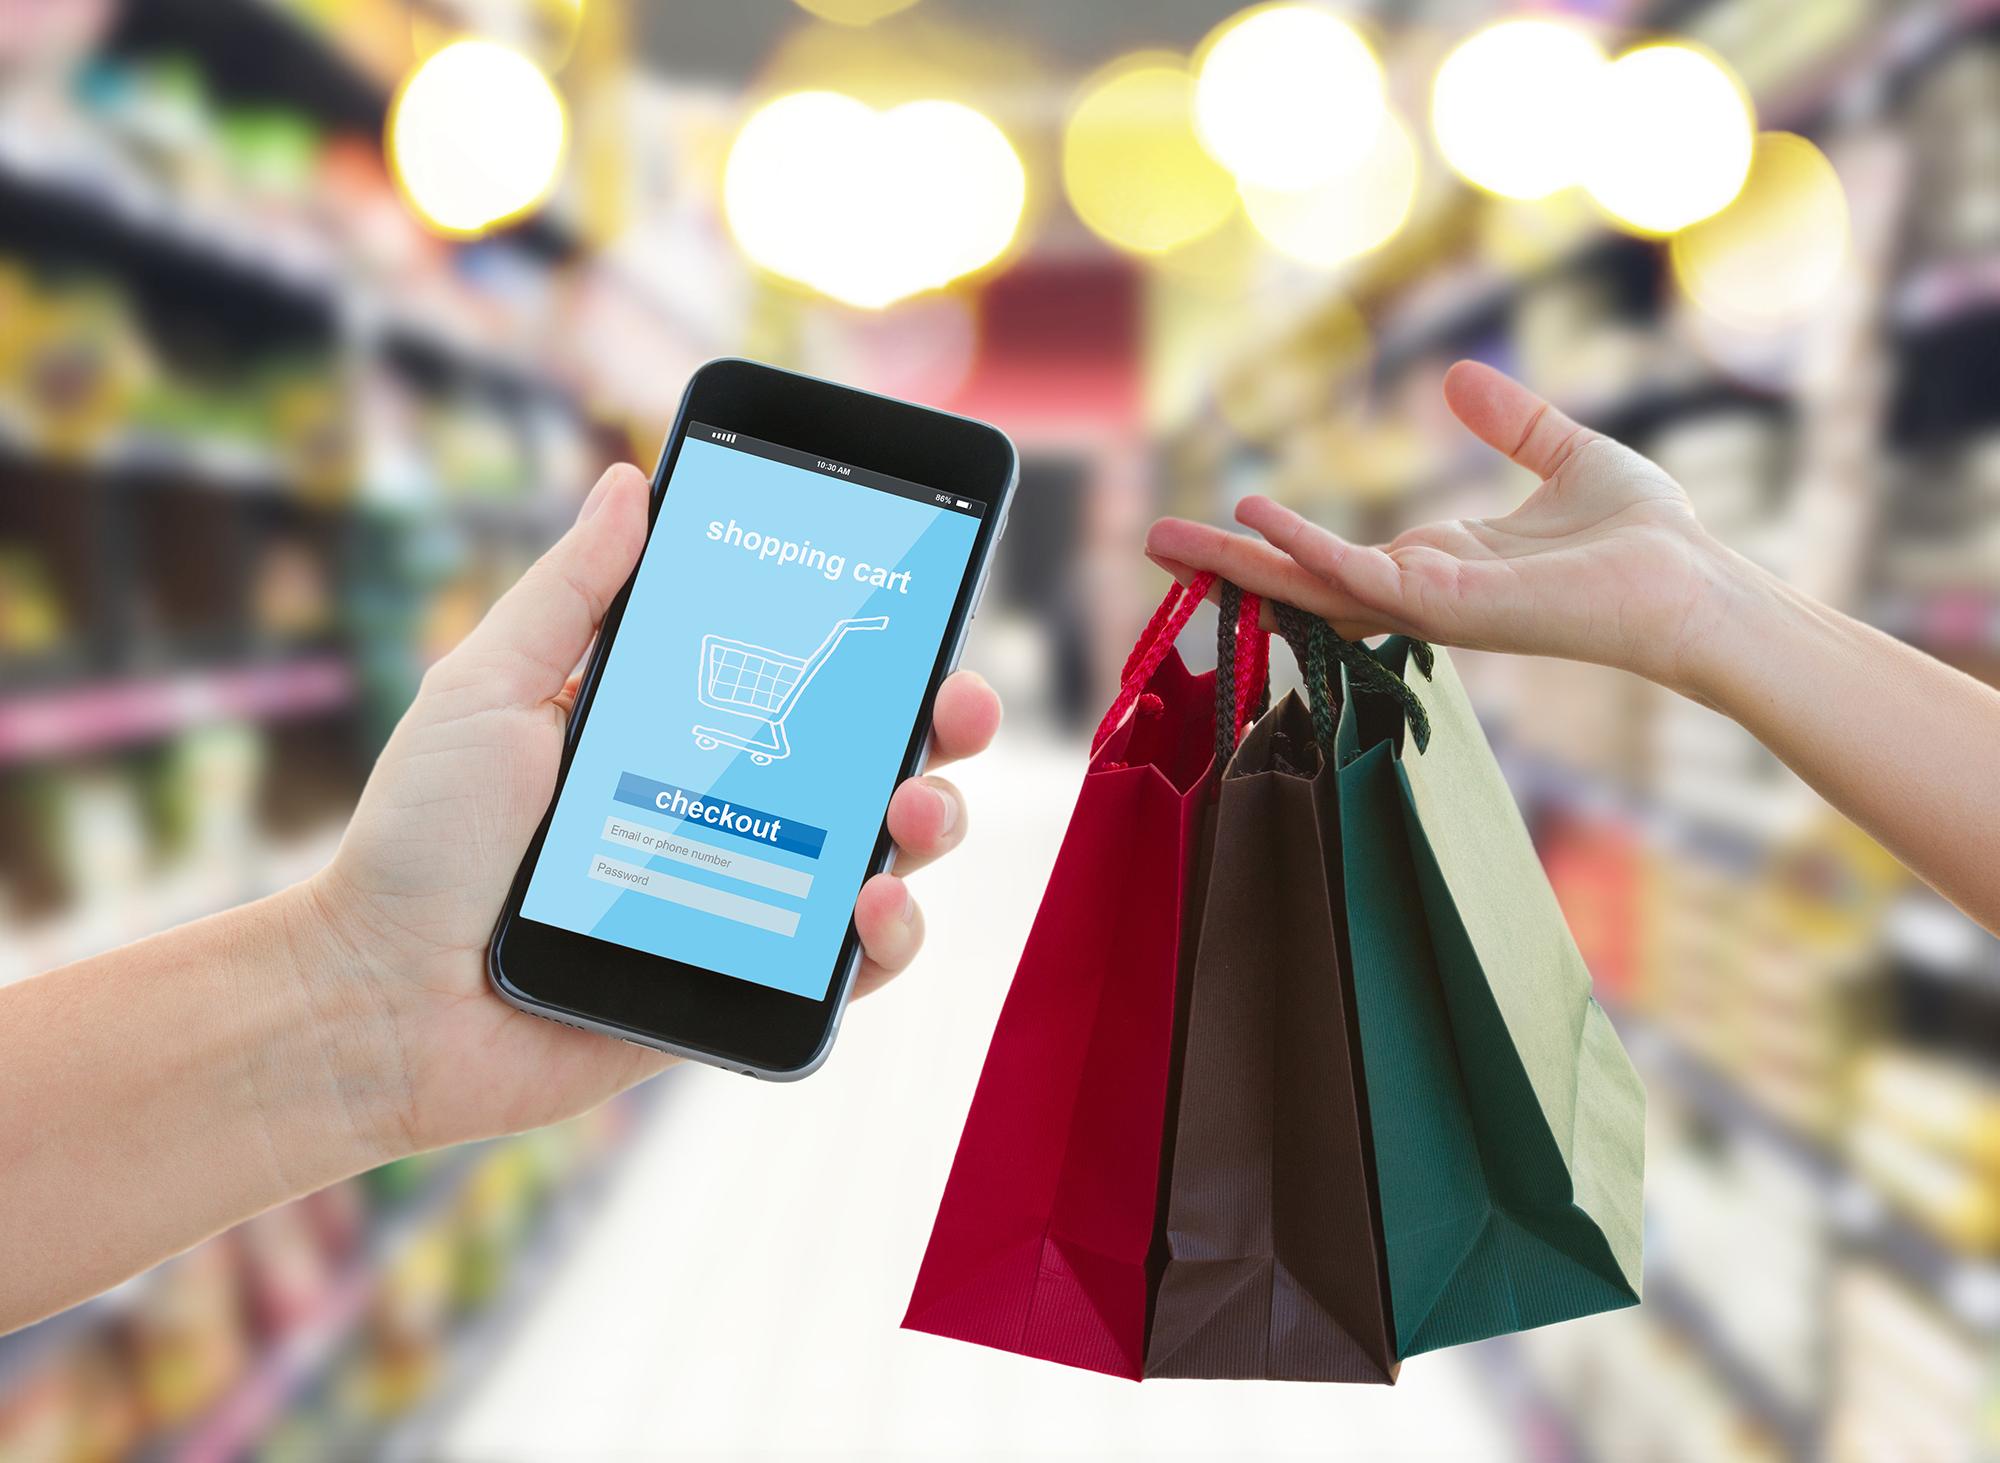 Mobil markedsføring